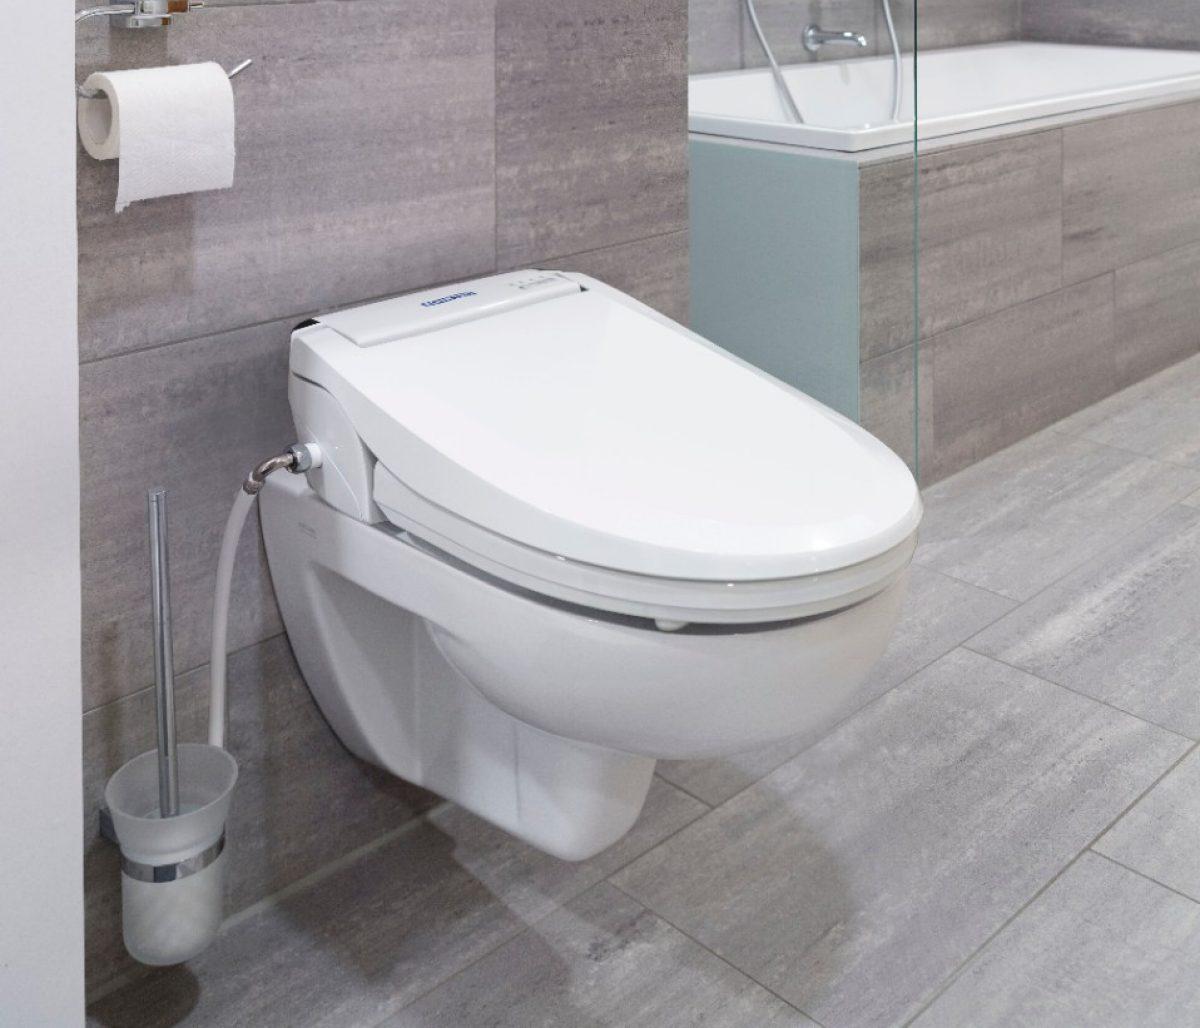 aquatec pure bidet douche wc. Black Bedroom Furniture Sets. Home Design Ideas